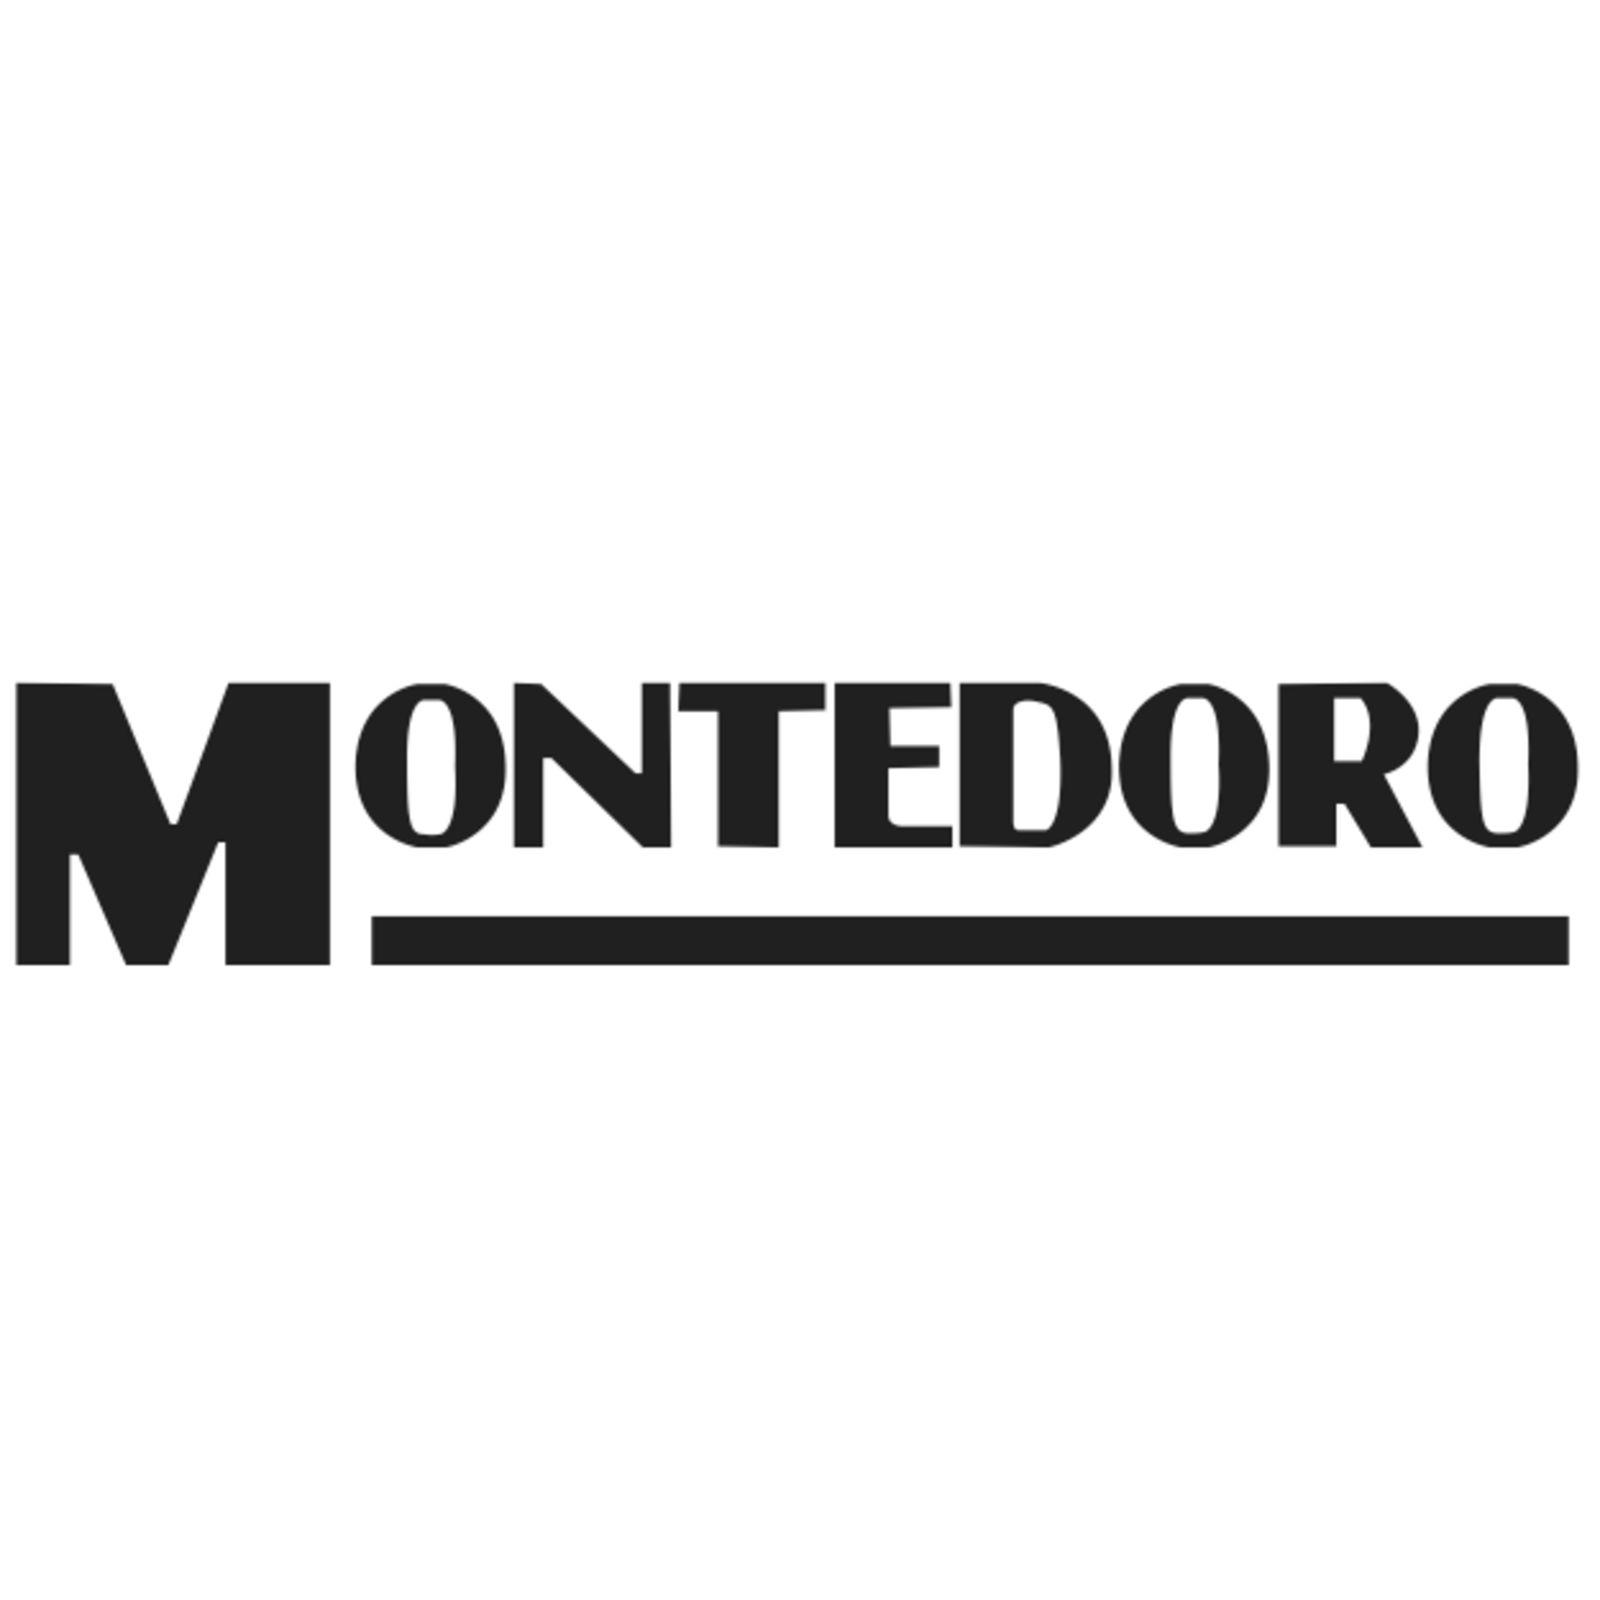 MONTEDORO (Image 1)